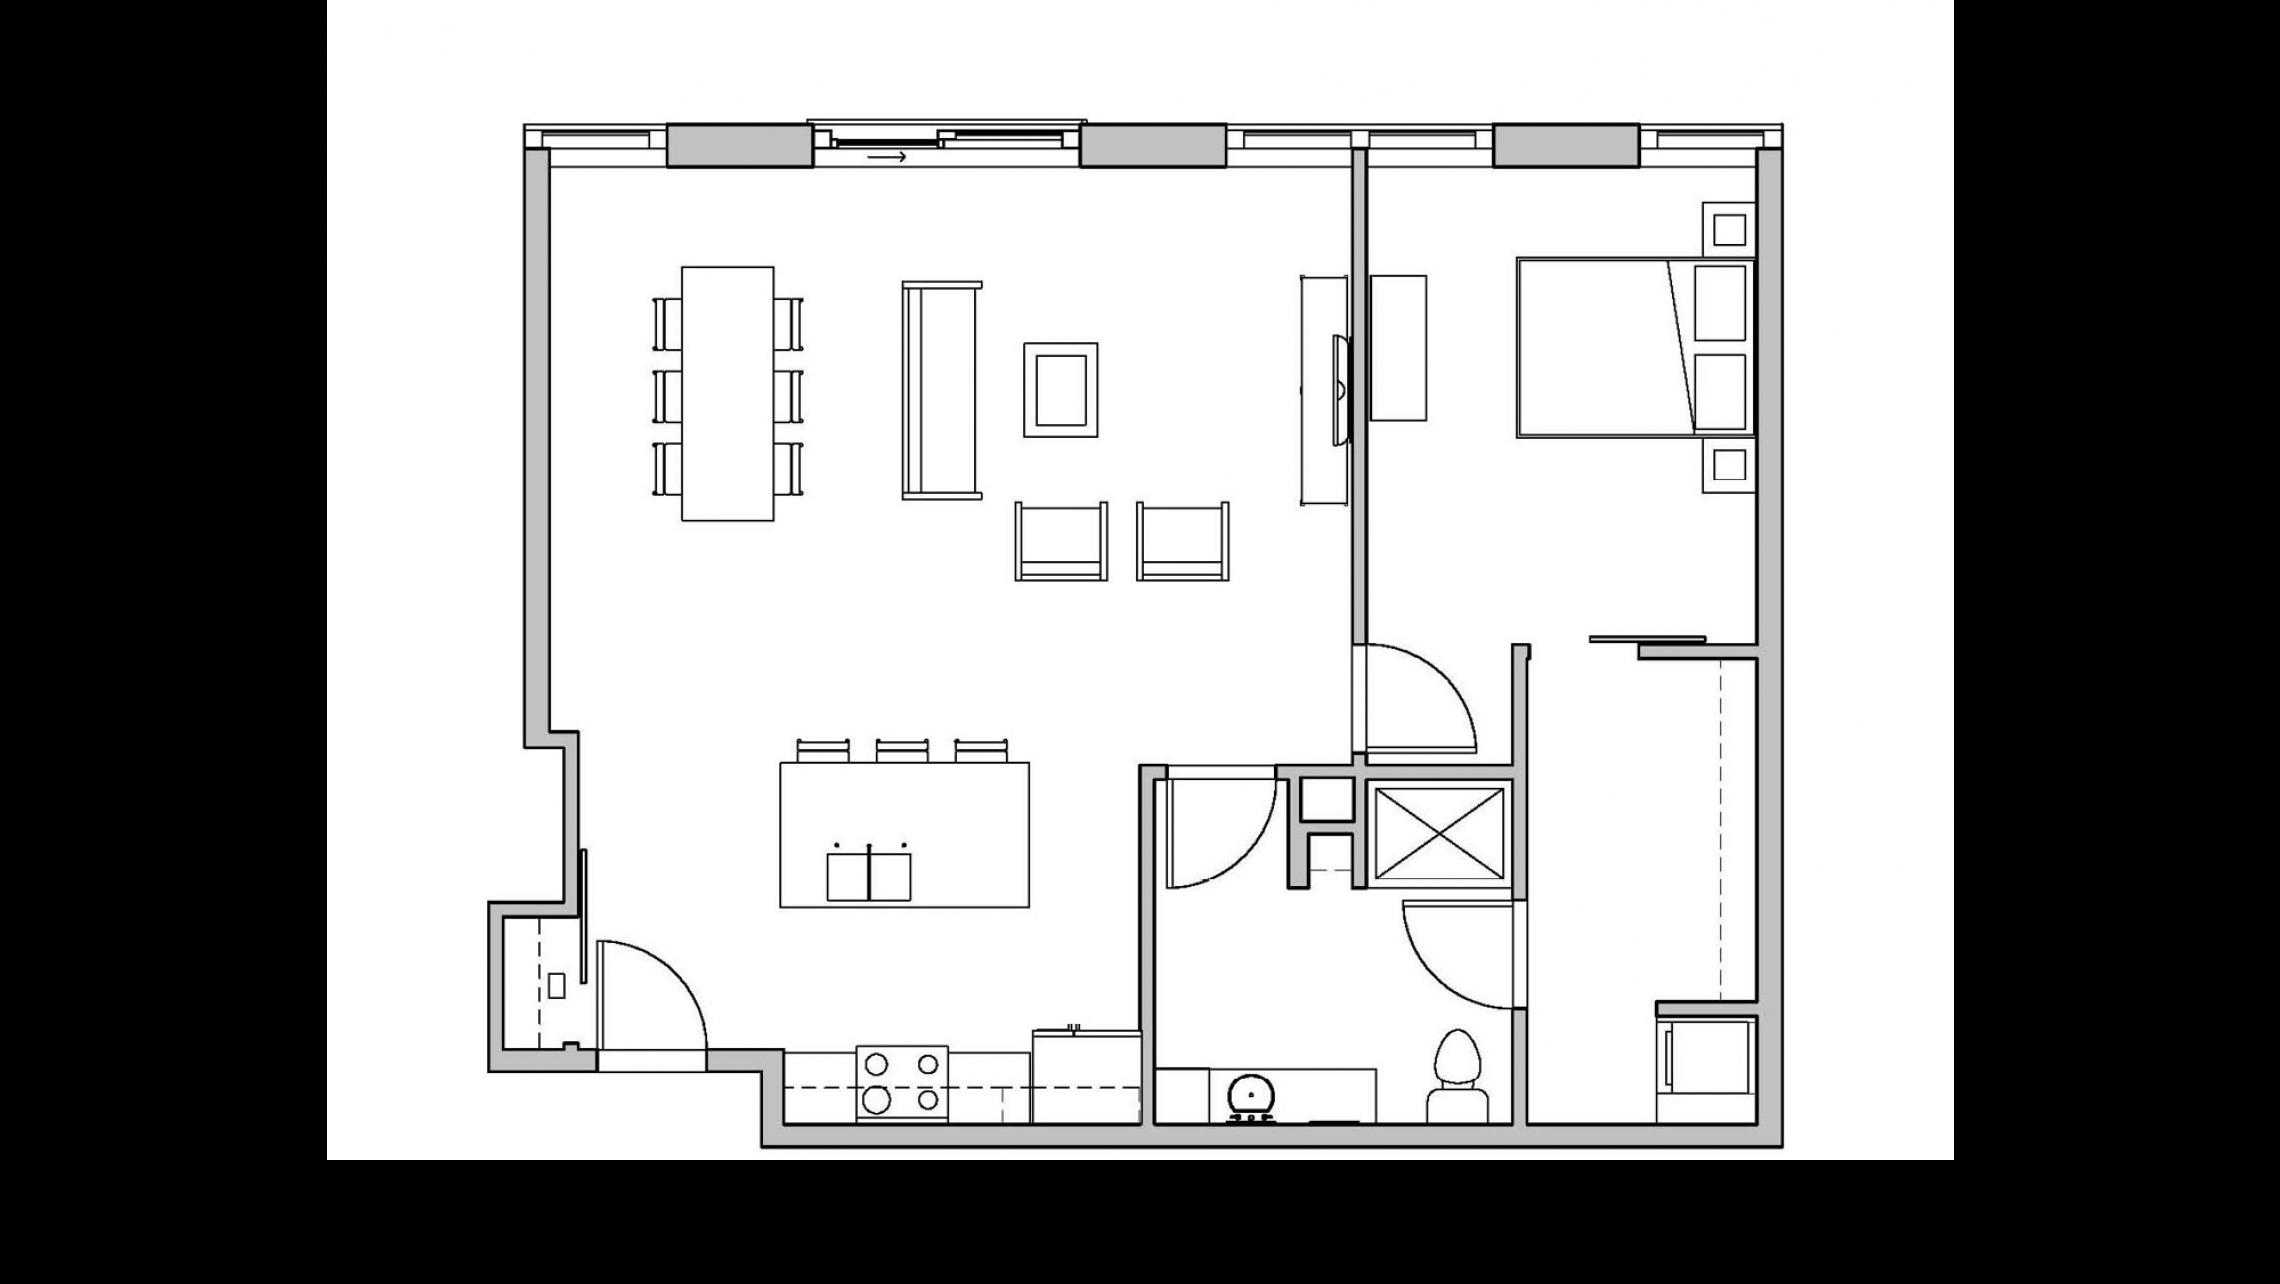 ULI Seven27 414 - One Bedroom, One Bathroom